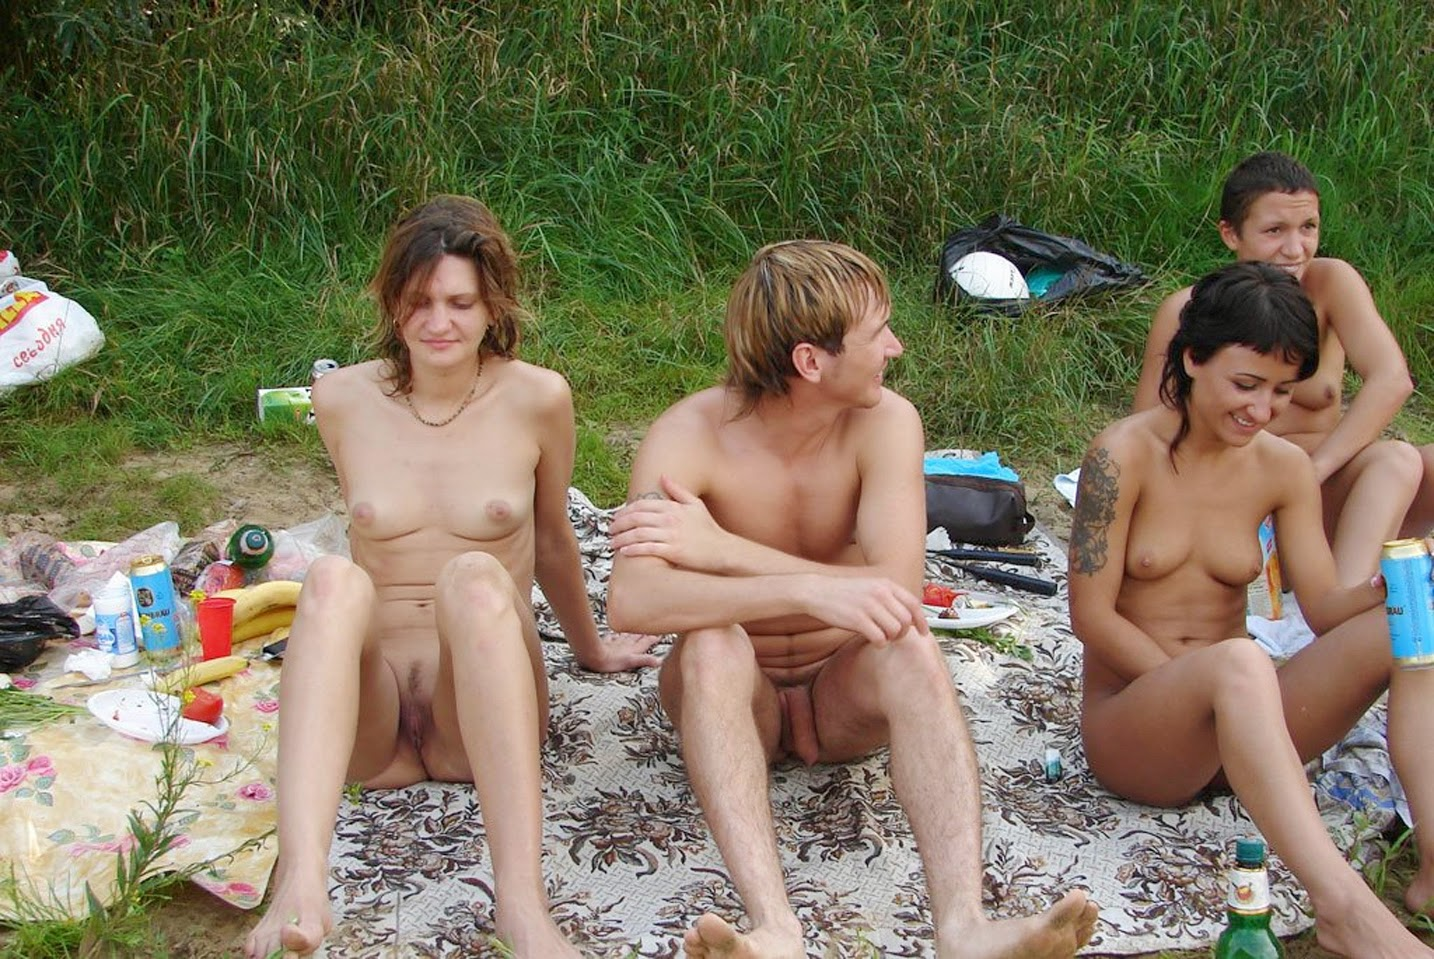 Фото нудистов парней с девушками 14 фотография